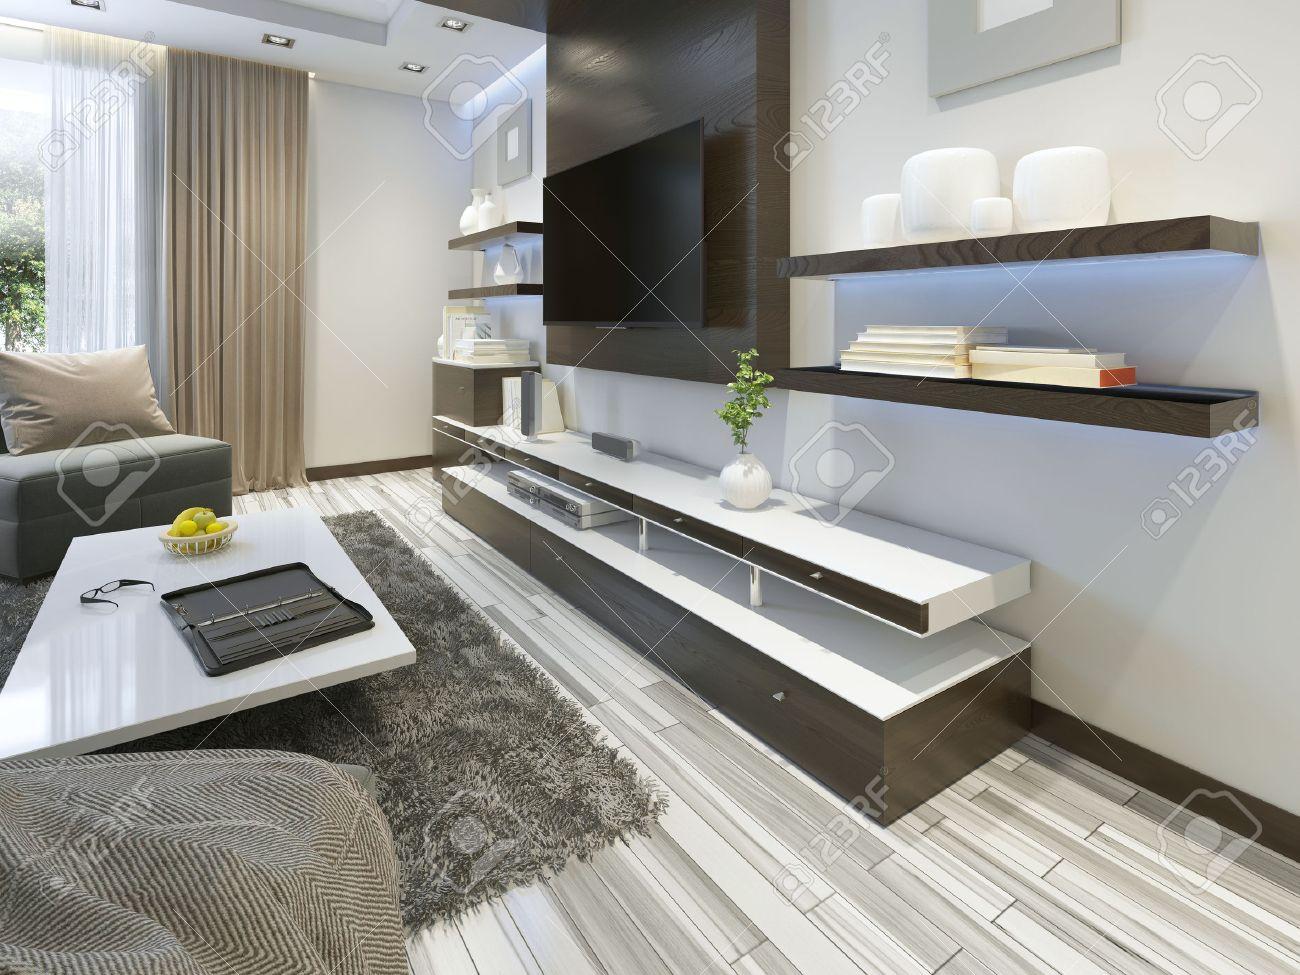 Hervorragend Audio System Mit TV Und Regale Im Wohnzimmer Im Modernen Stil.  Holzverblendung Möbel In